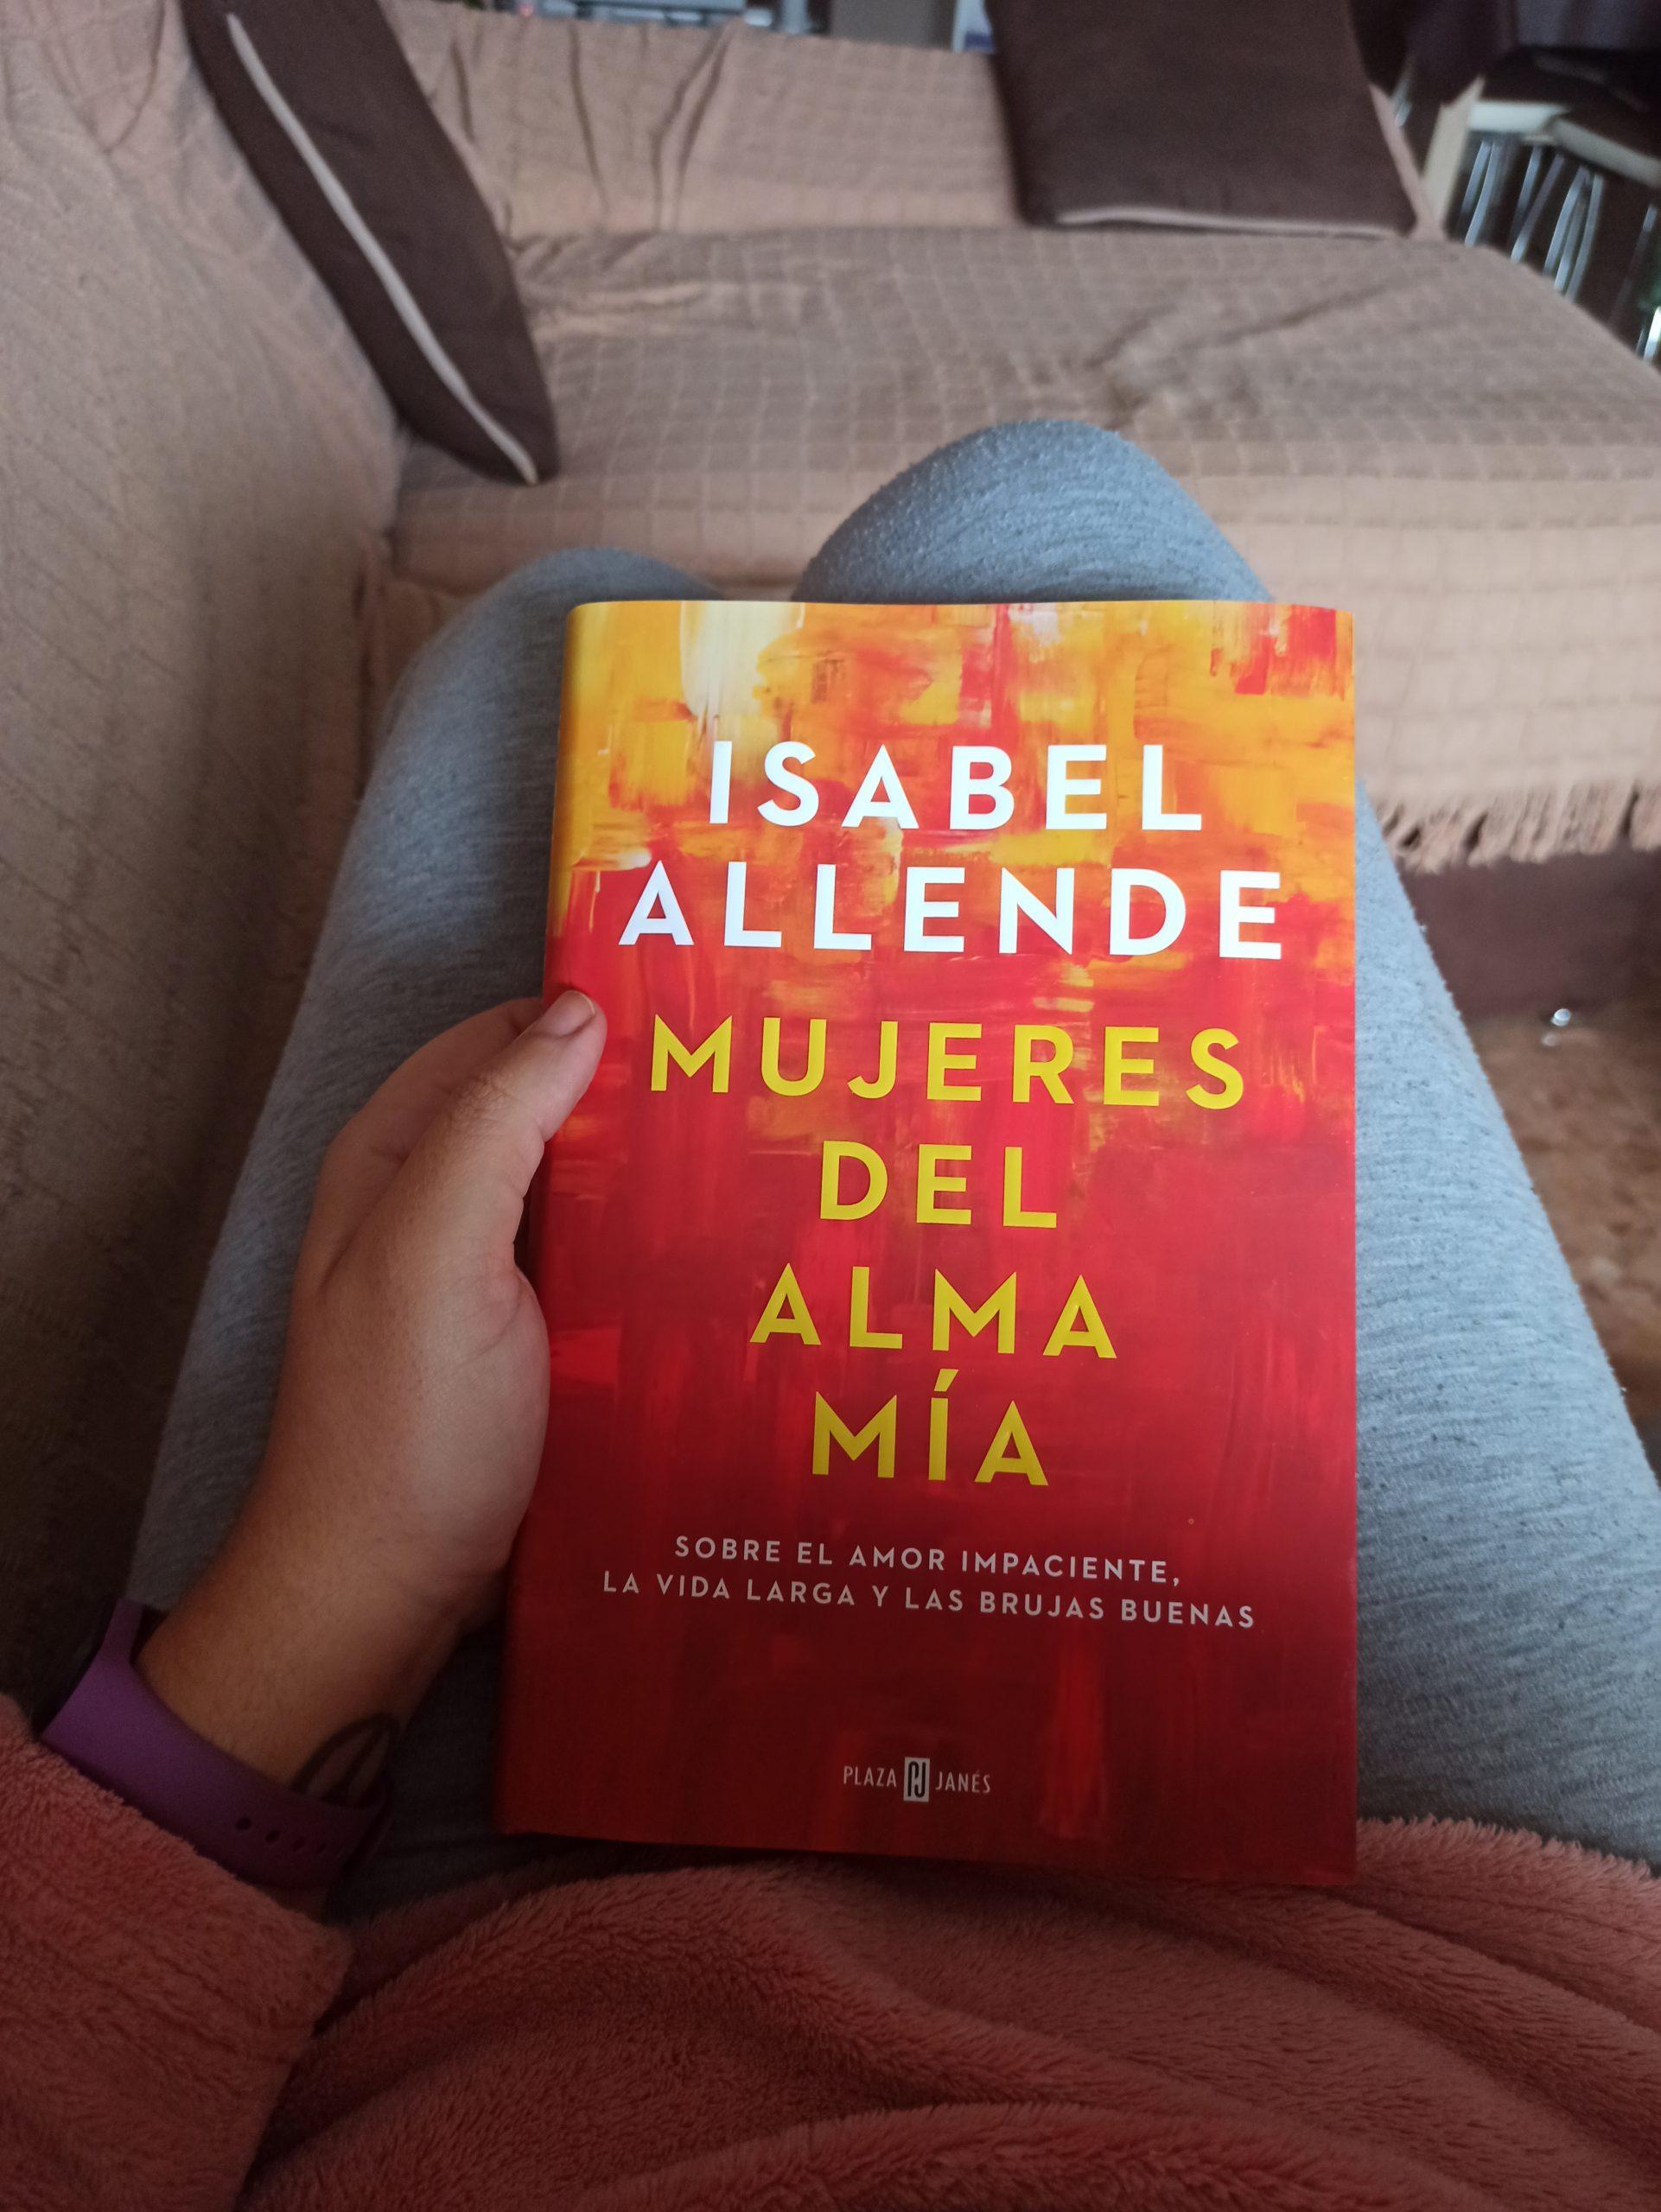 MUJERES DEL ALMA MÍA, de Isabel Allende.